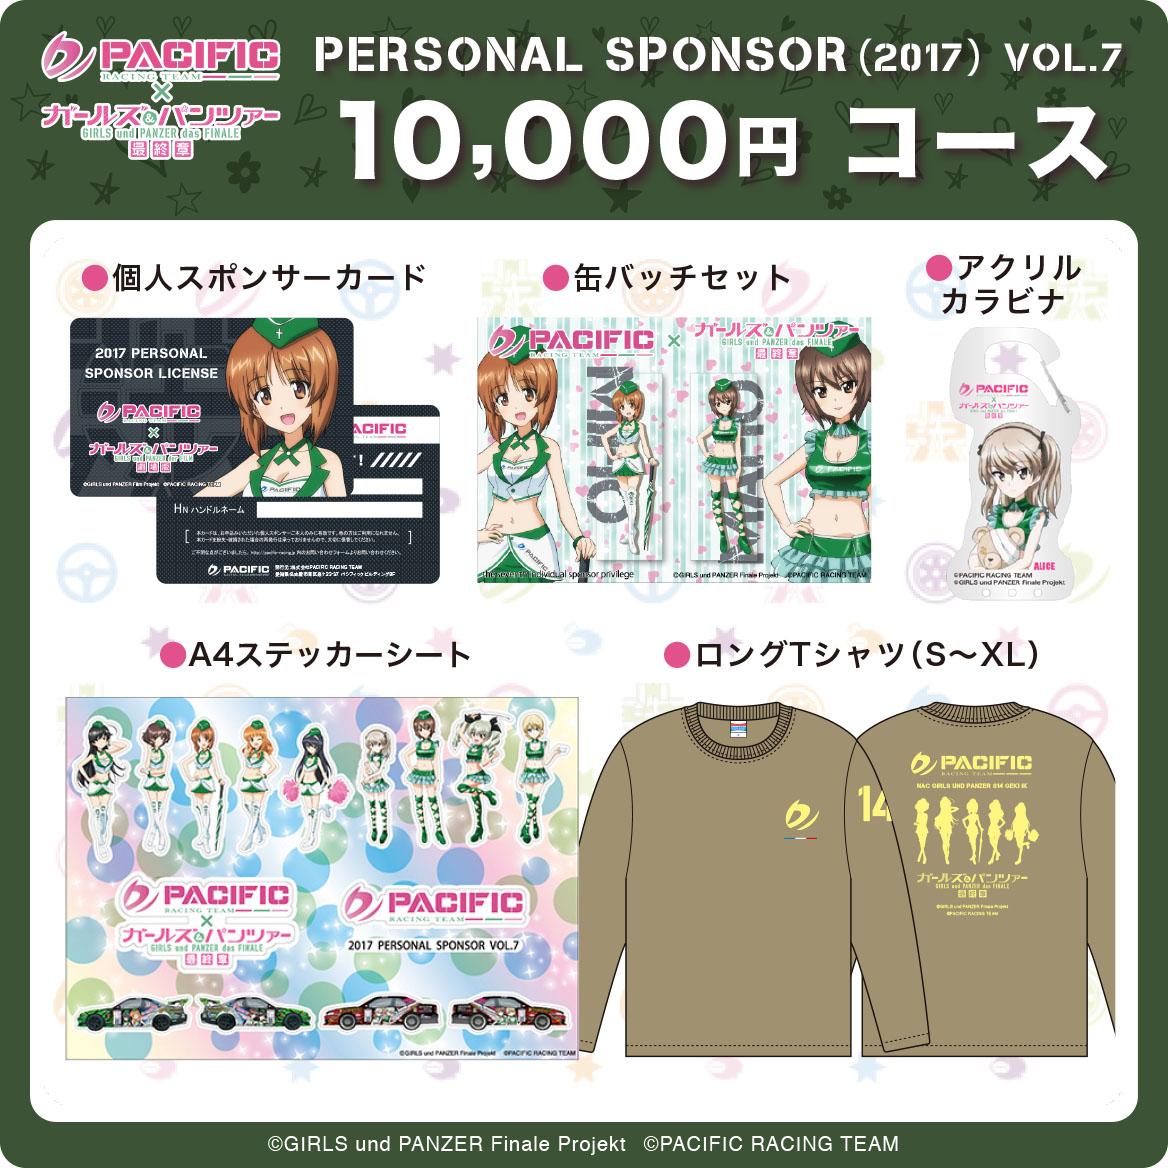 10,000円 コース